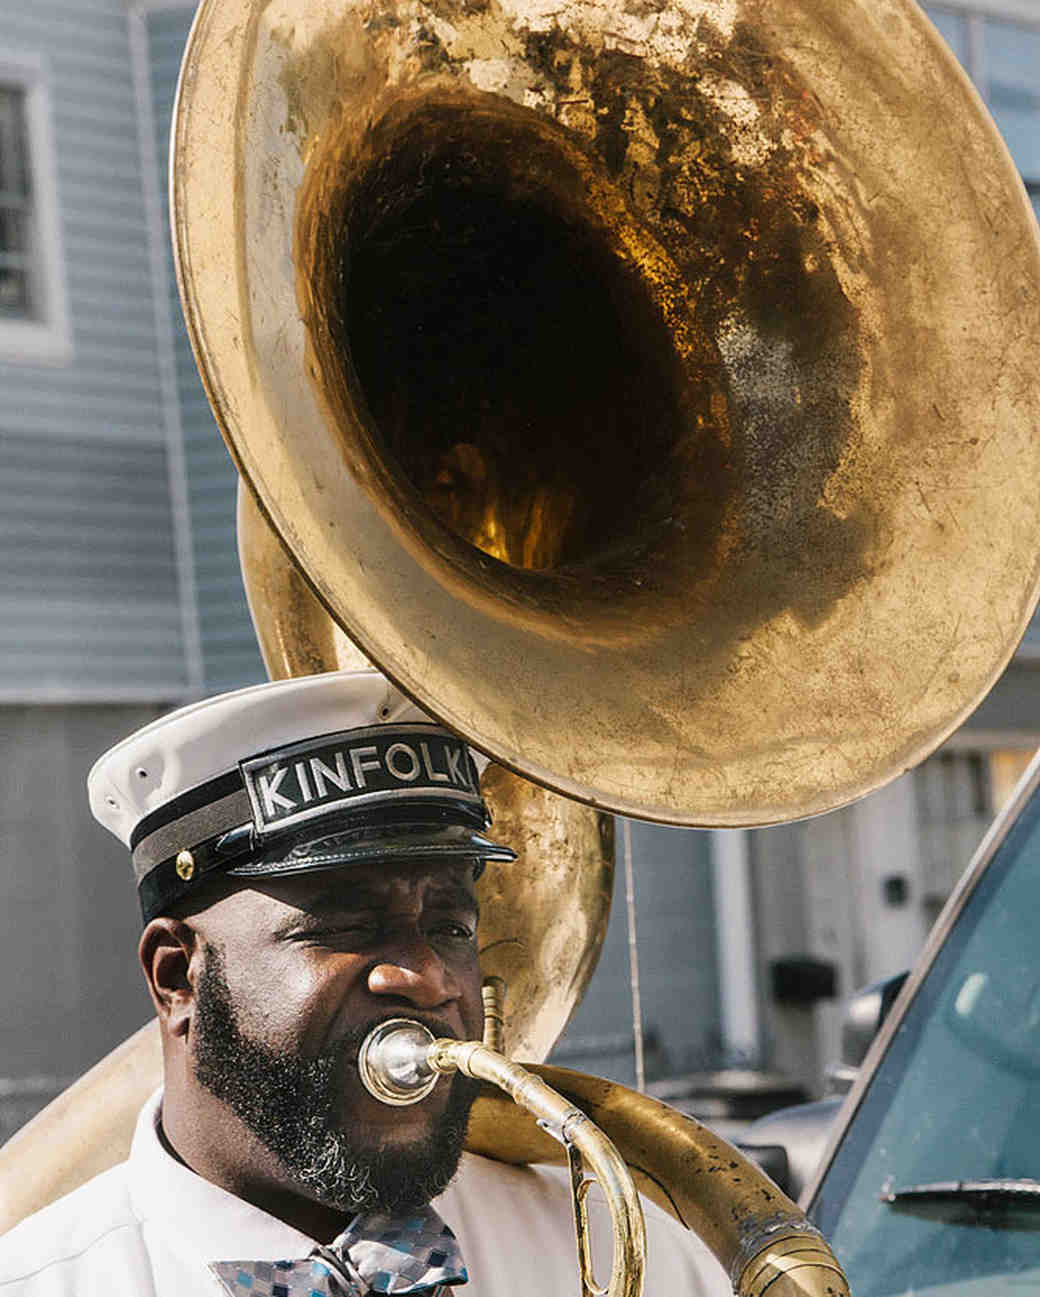 brass band tuba player